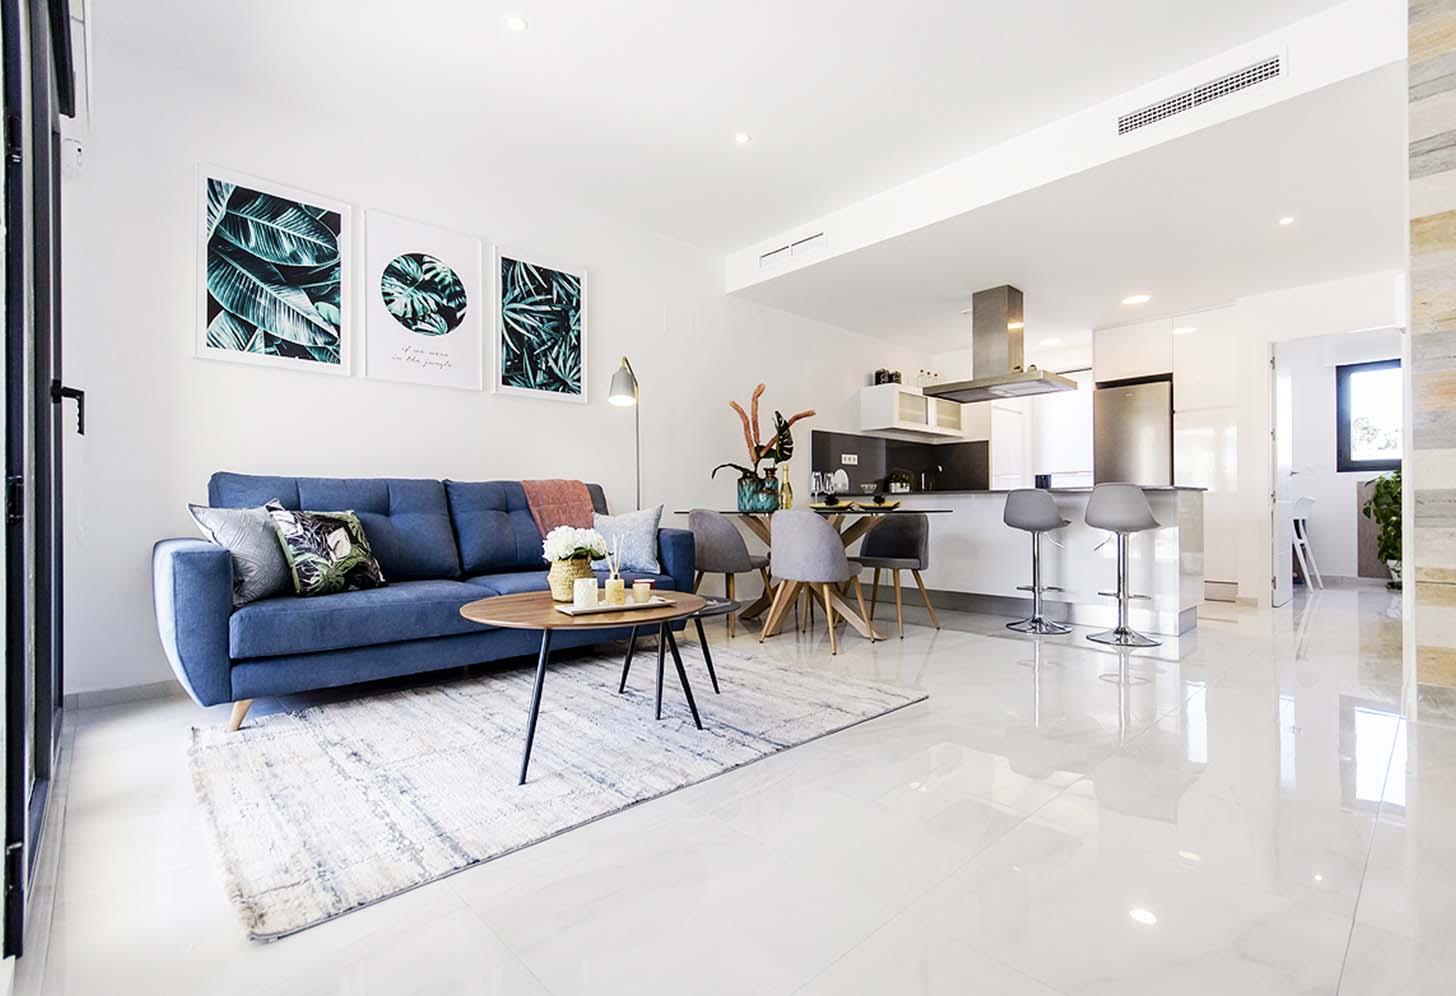 immobilier neuf espagne costa blanca on-f3 don benito bigastro salon